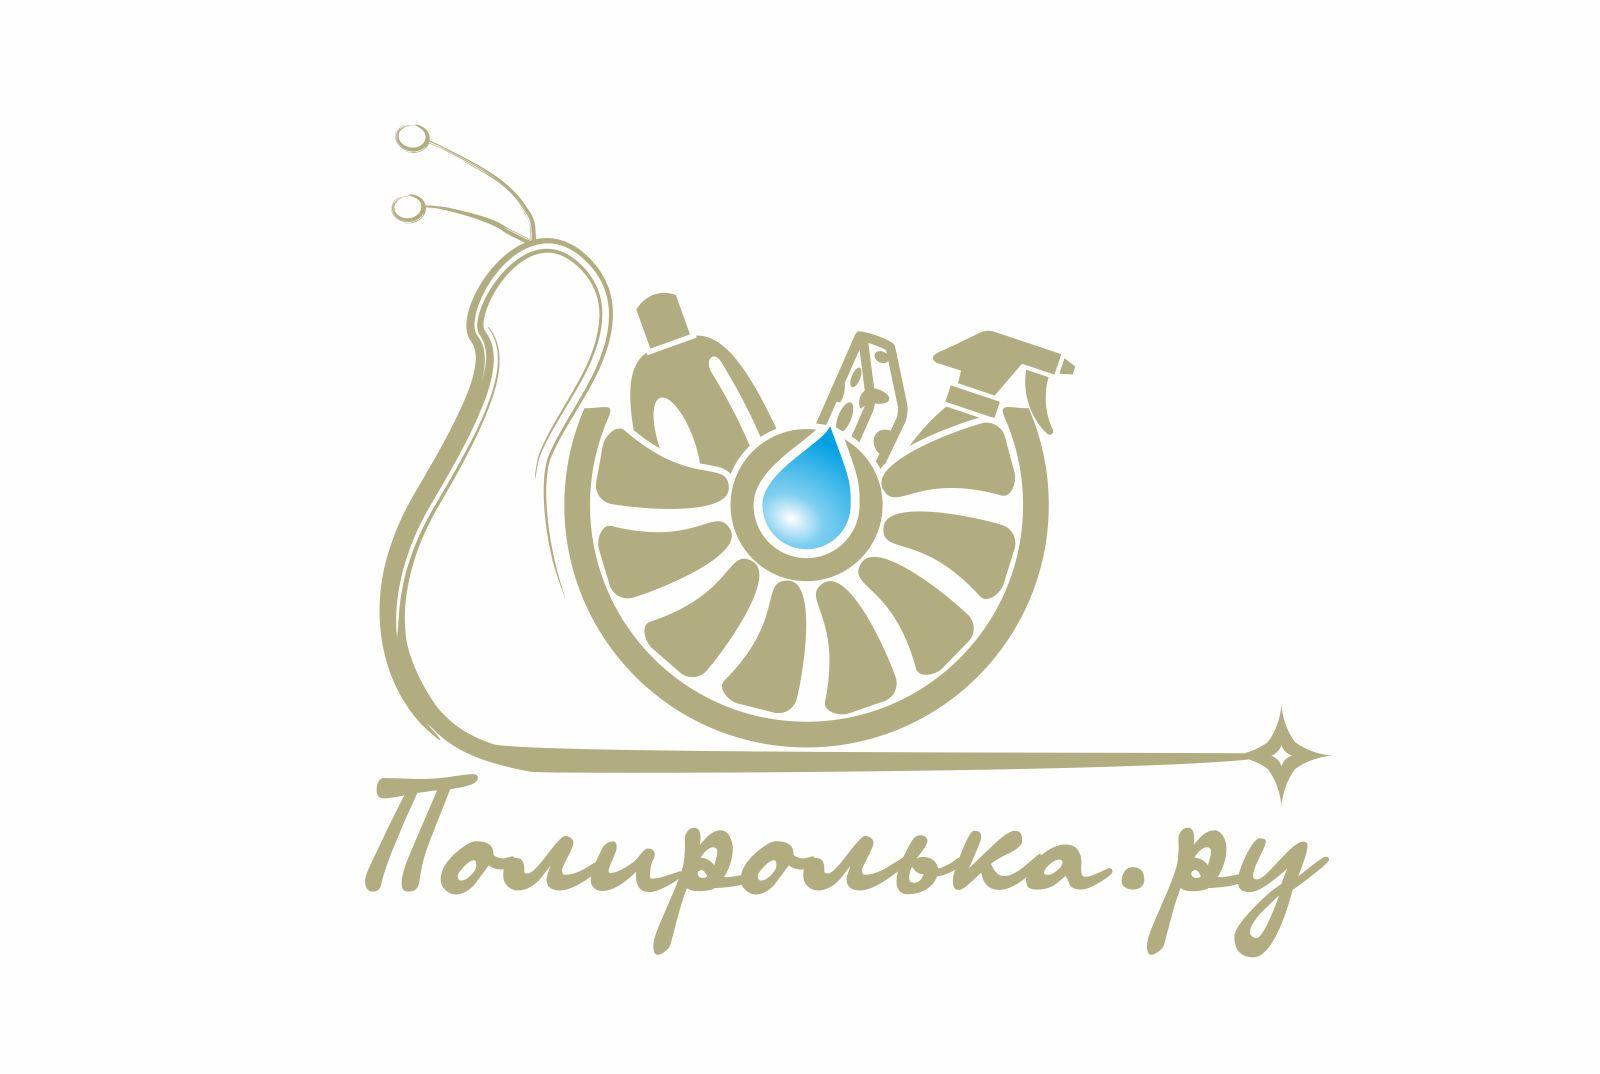 Логотип для интернет-магазина Полиролька.ру - дизайнер XAPAKTEP